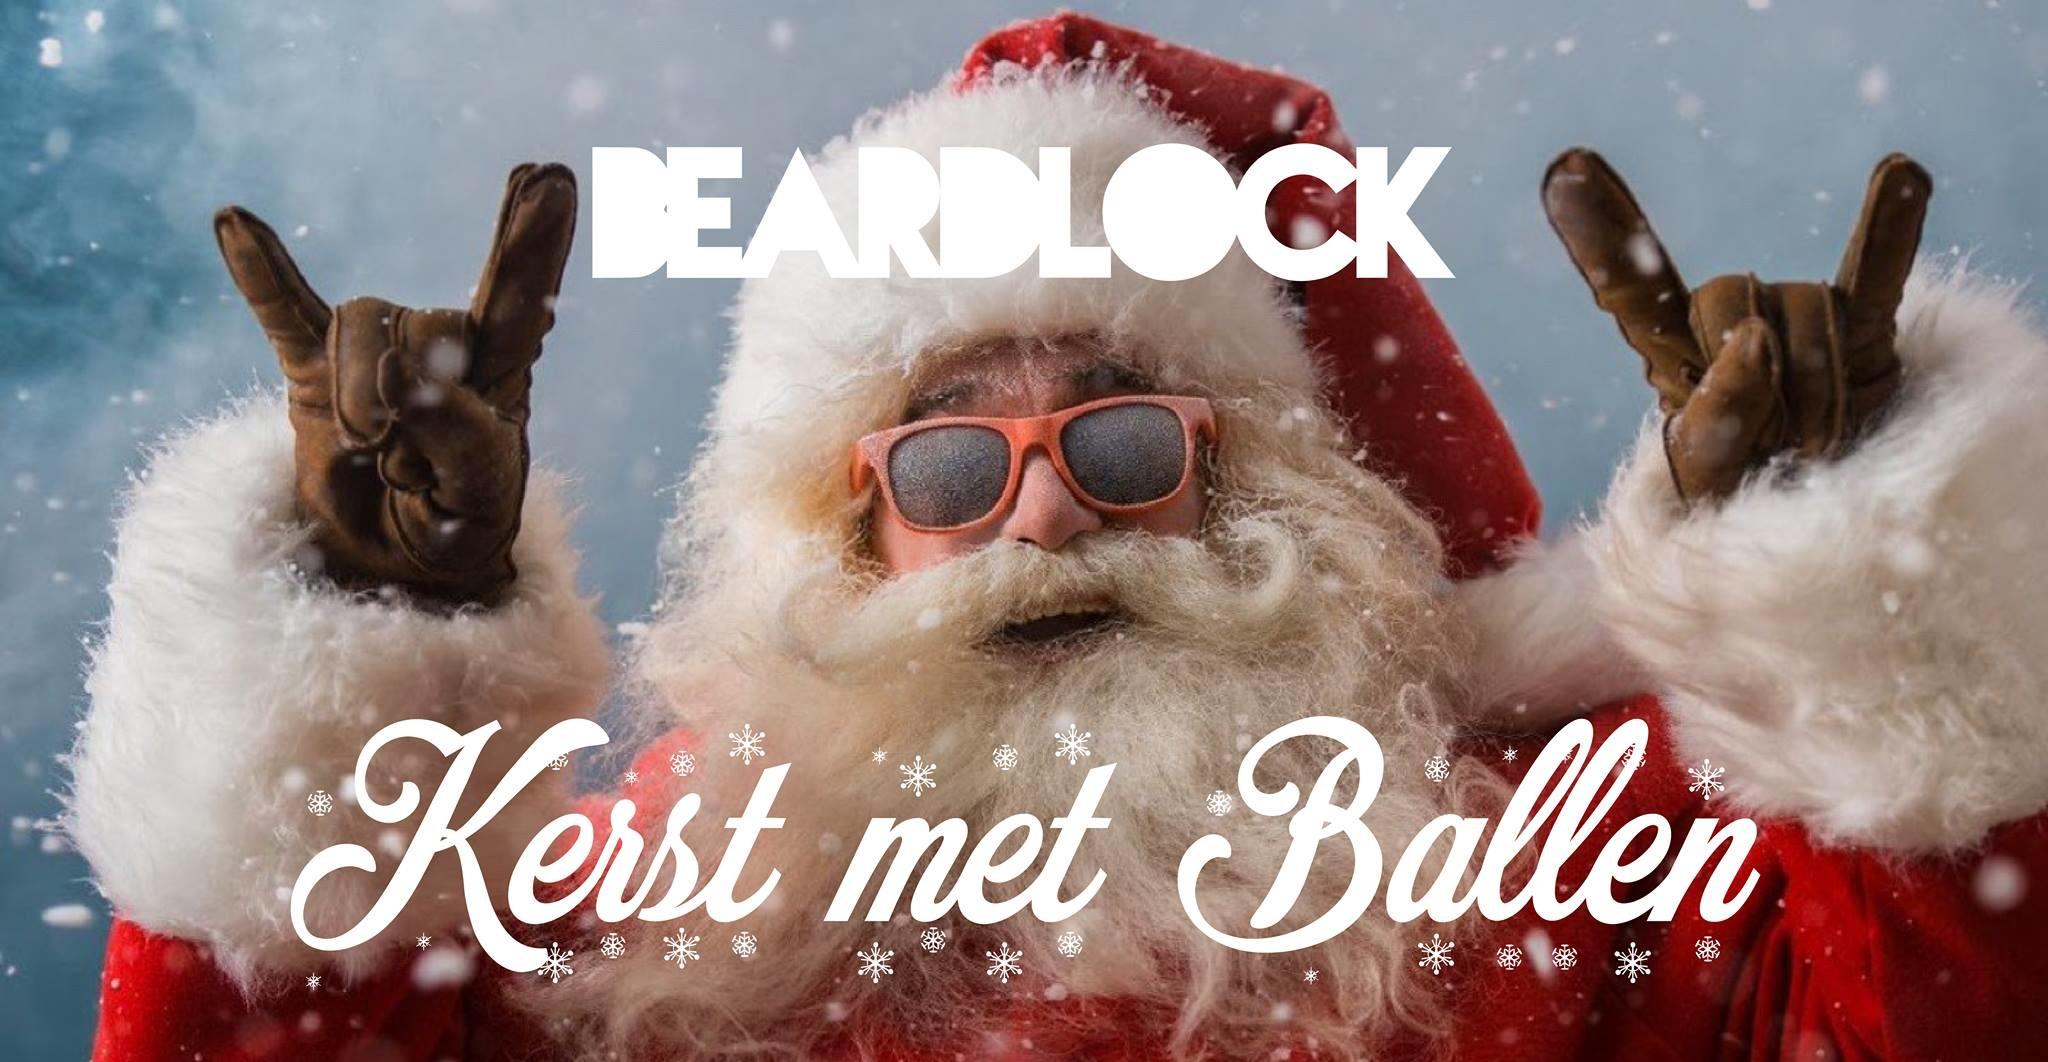 Kerst Met Ballen 21 December 2018 Grenswerk Cafe Venlo Evenement